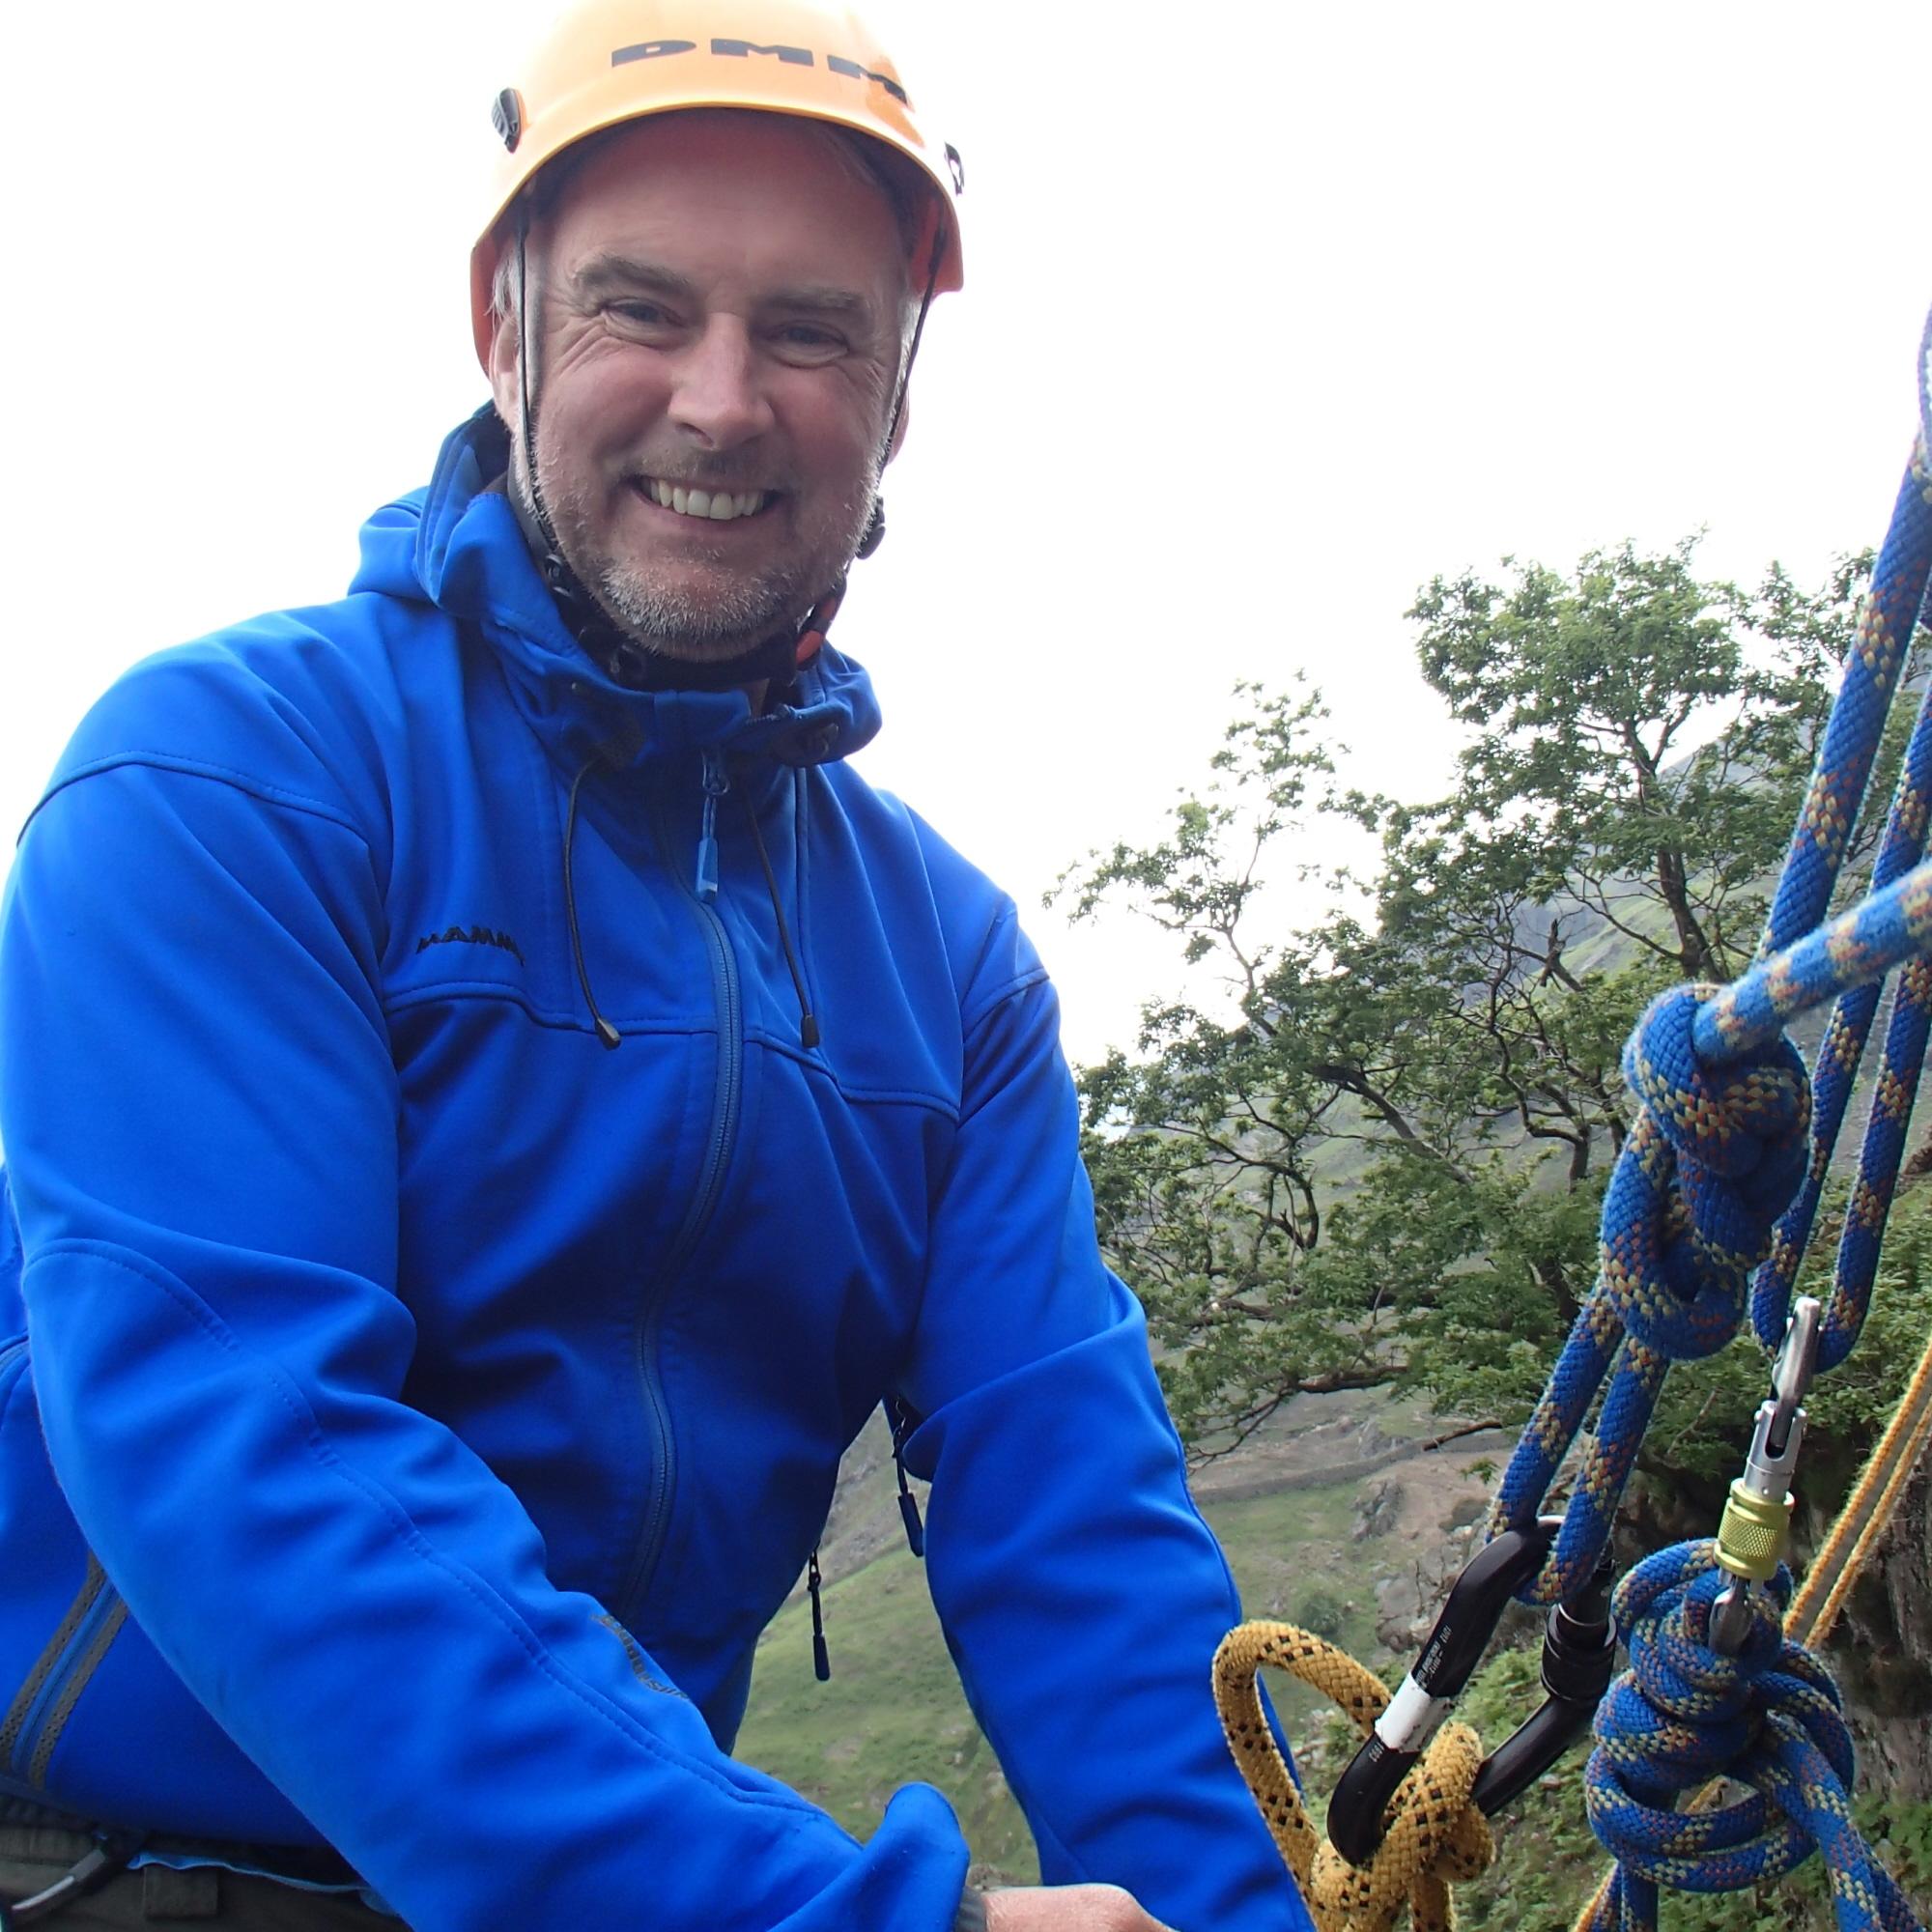 Rock Climbing Instructor Assessment